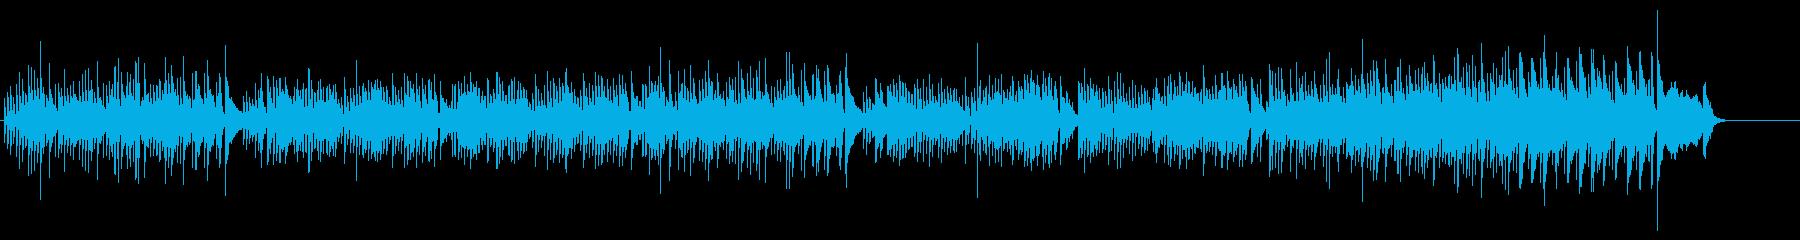 ライト感覚の微笑ましいポップ・チューンの再生済みの波形